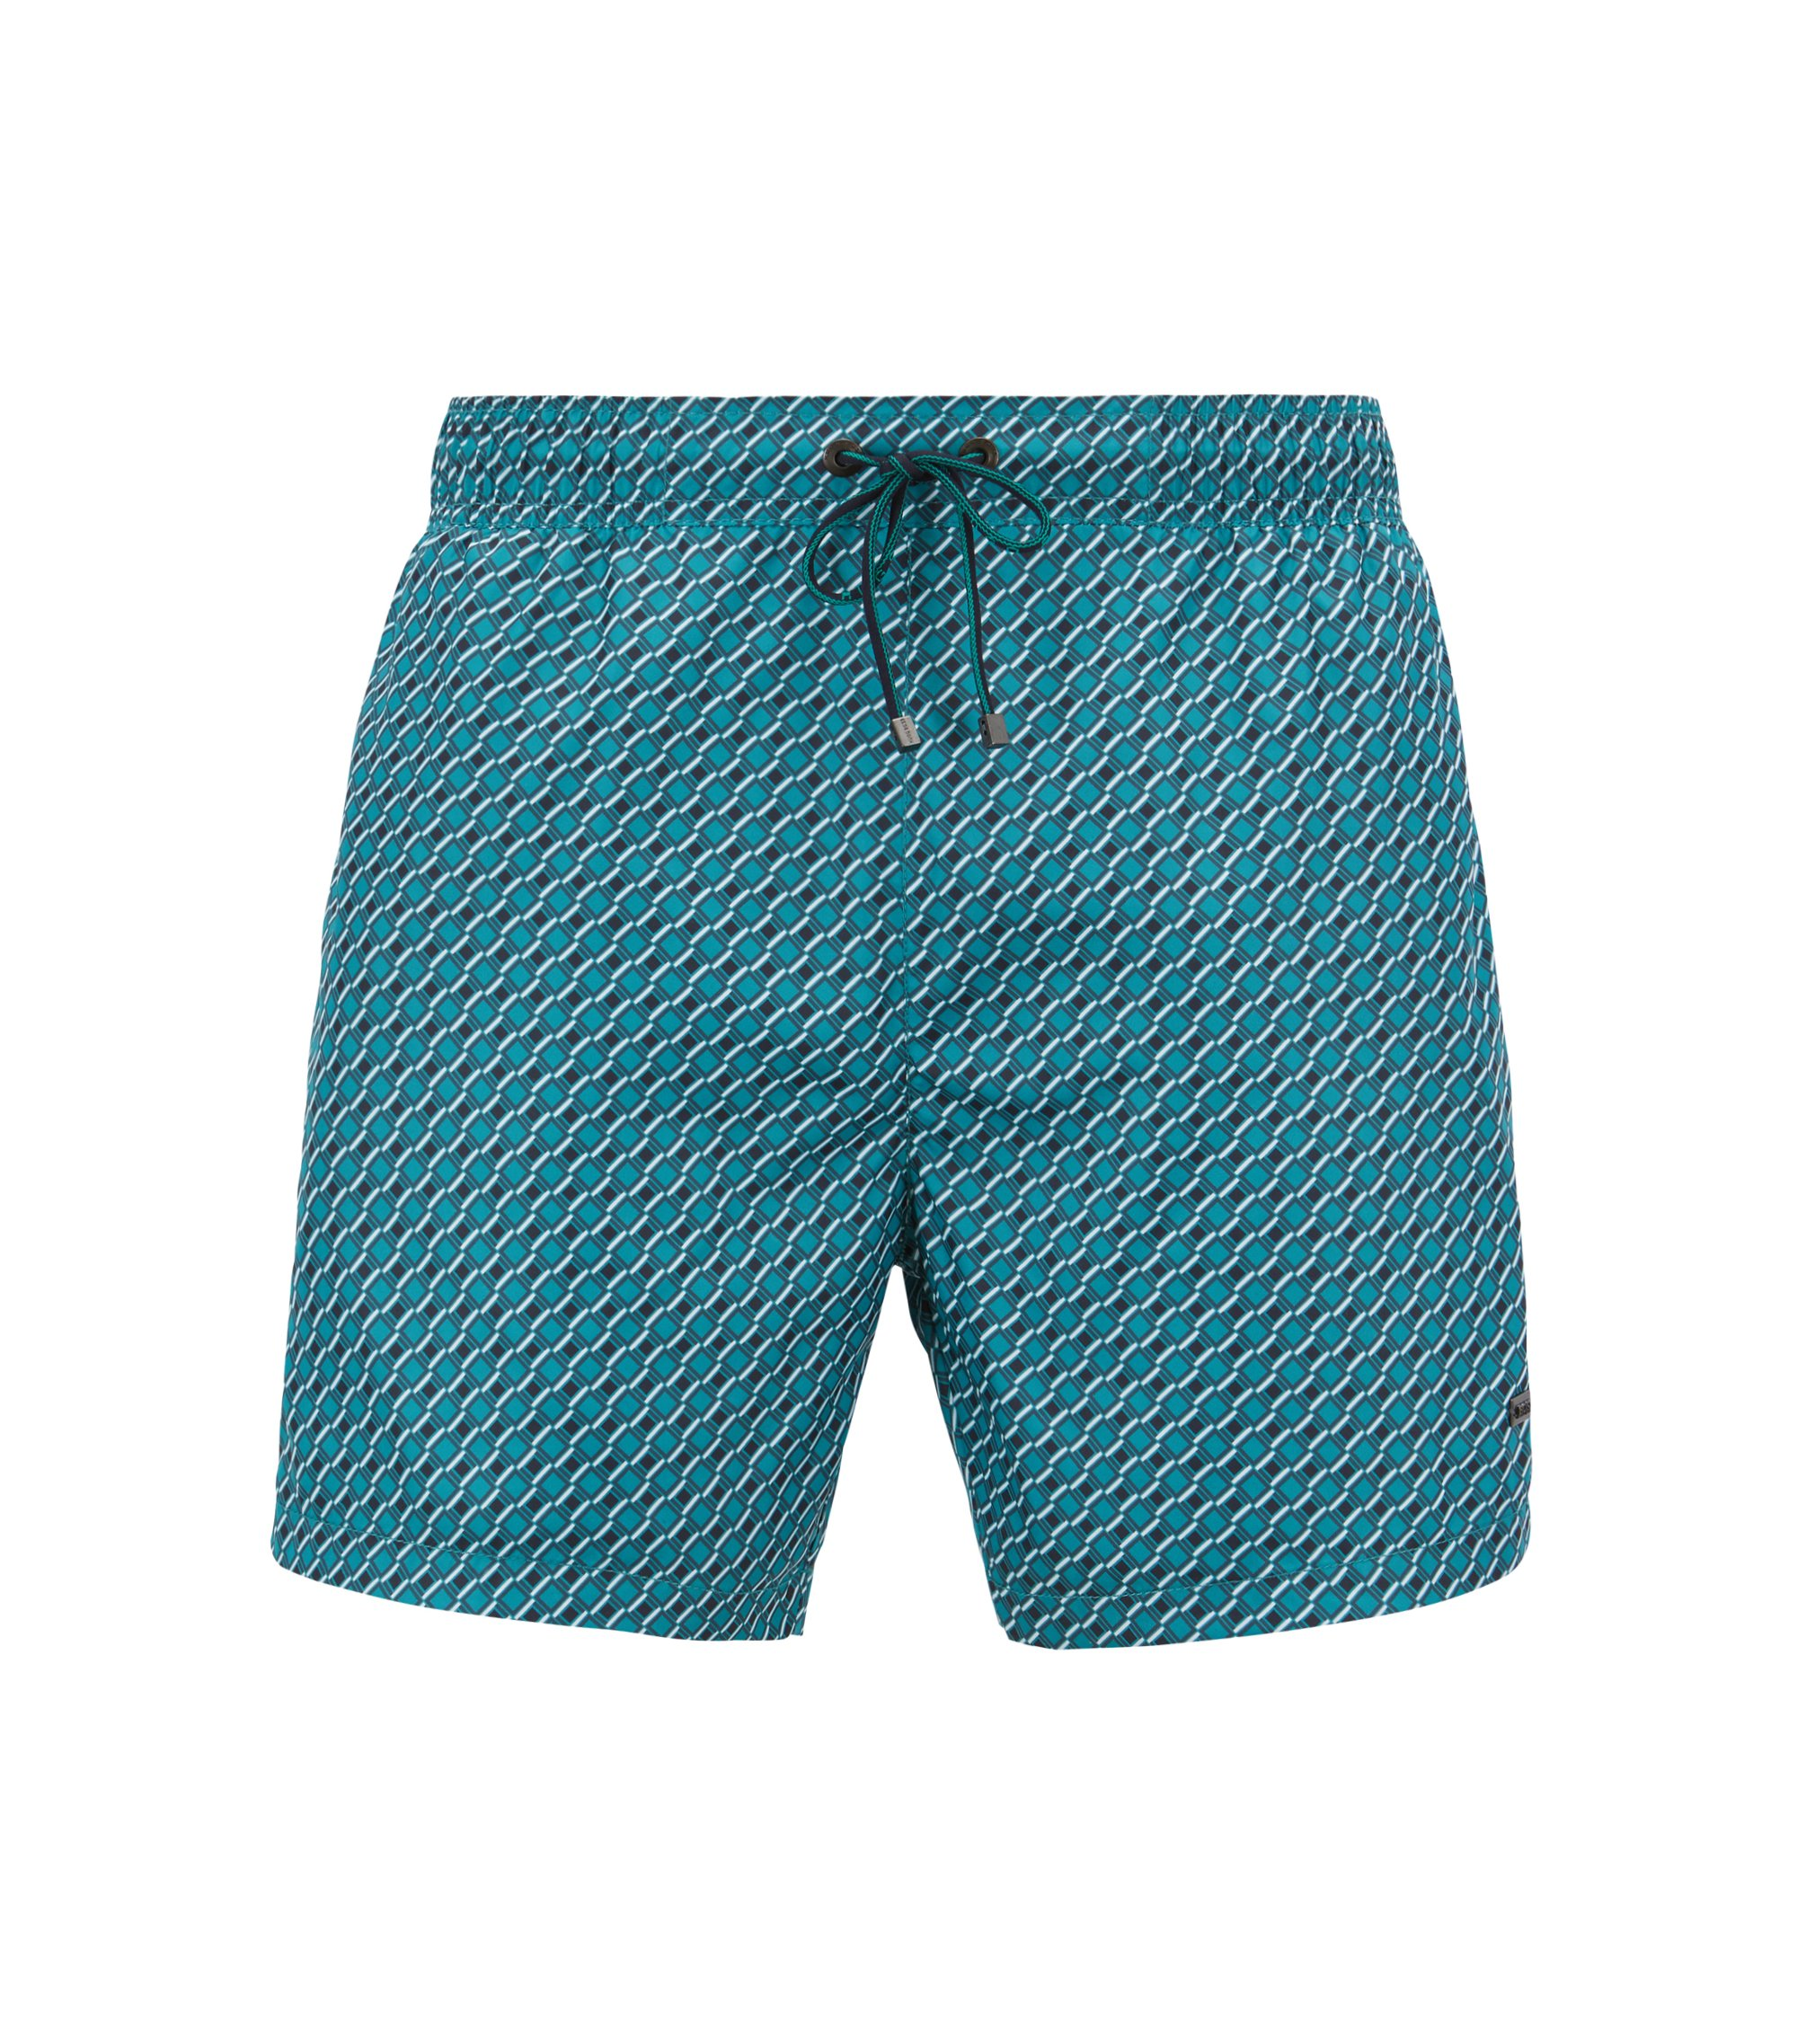 Leichte Badeshorts mit Komfortbund und Muster-Print, Grün